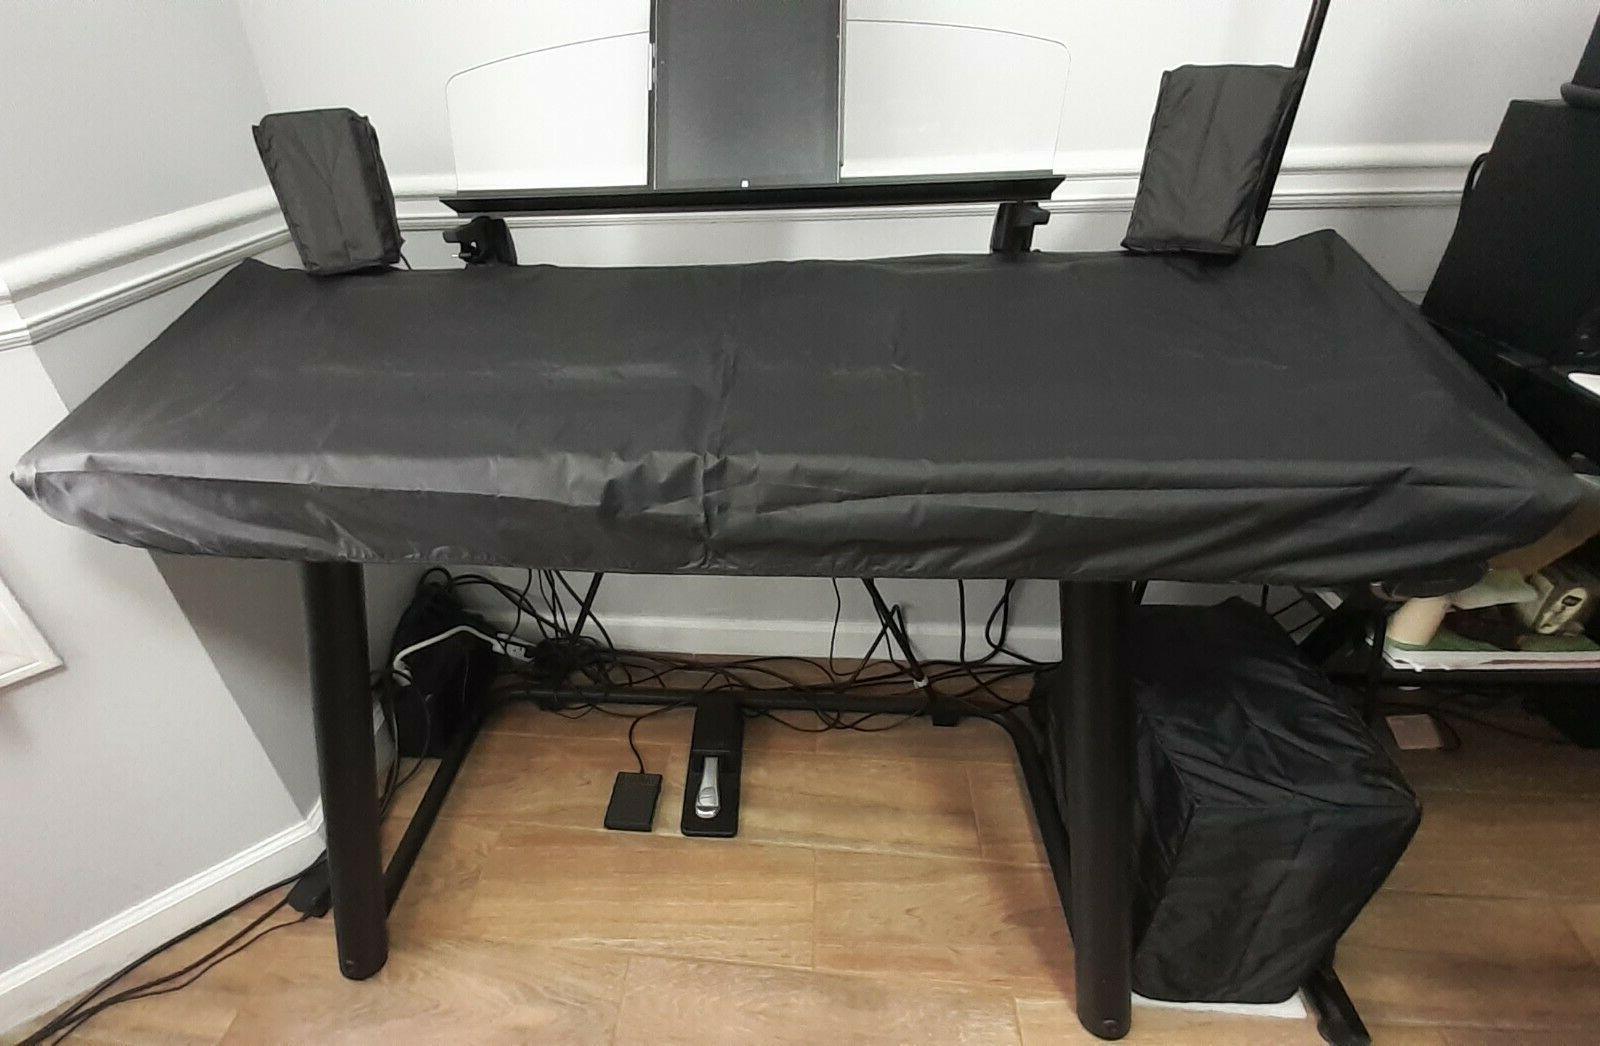 genos dust cover full set for keyboard